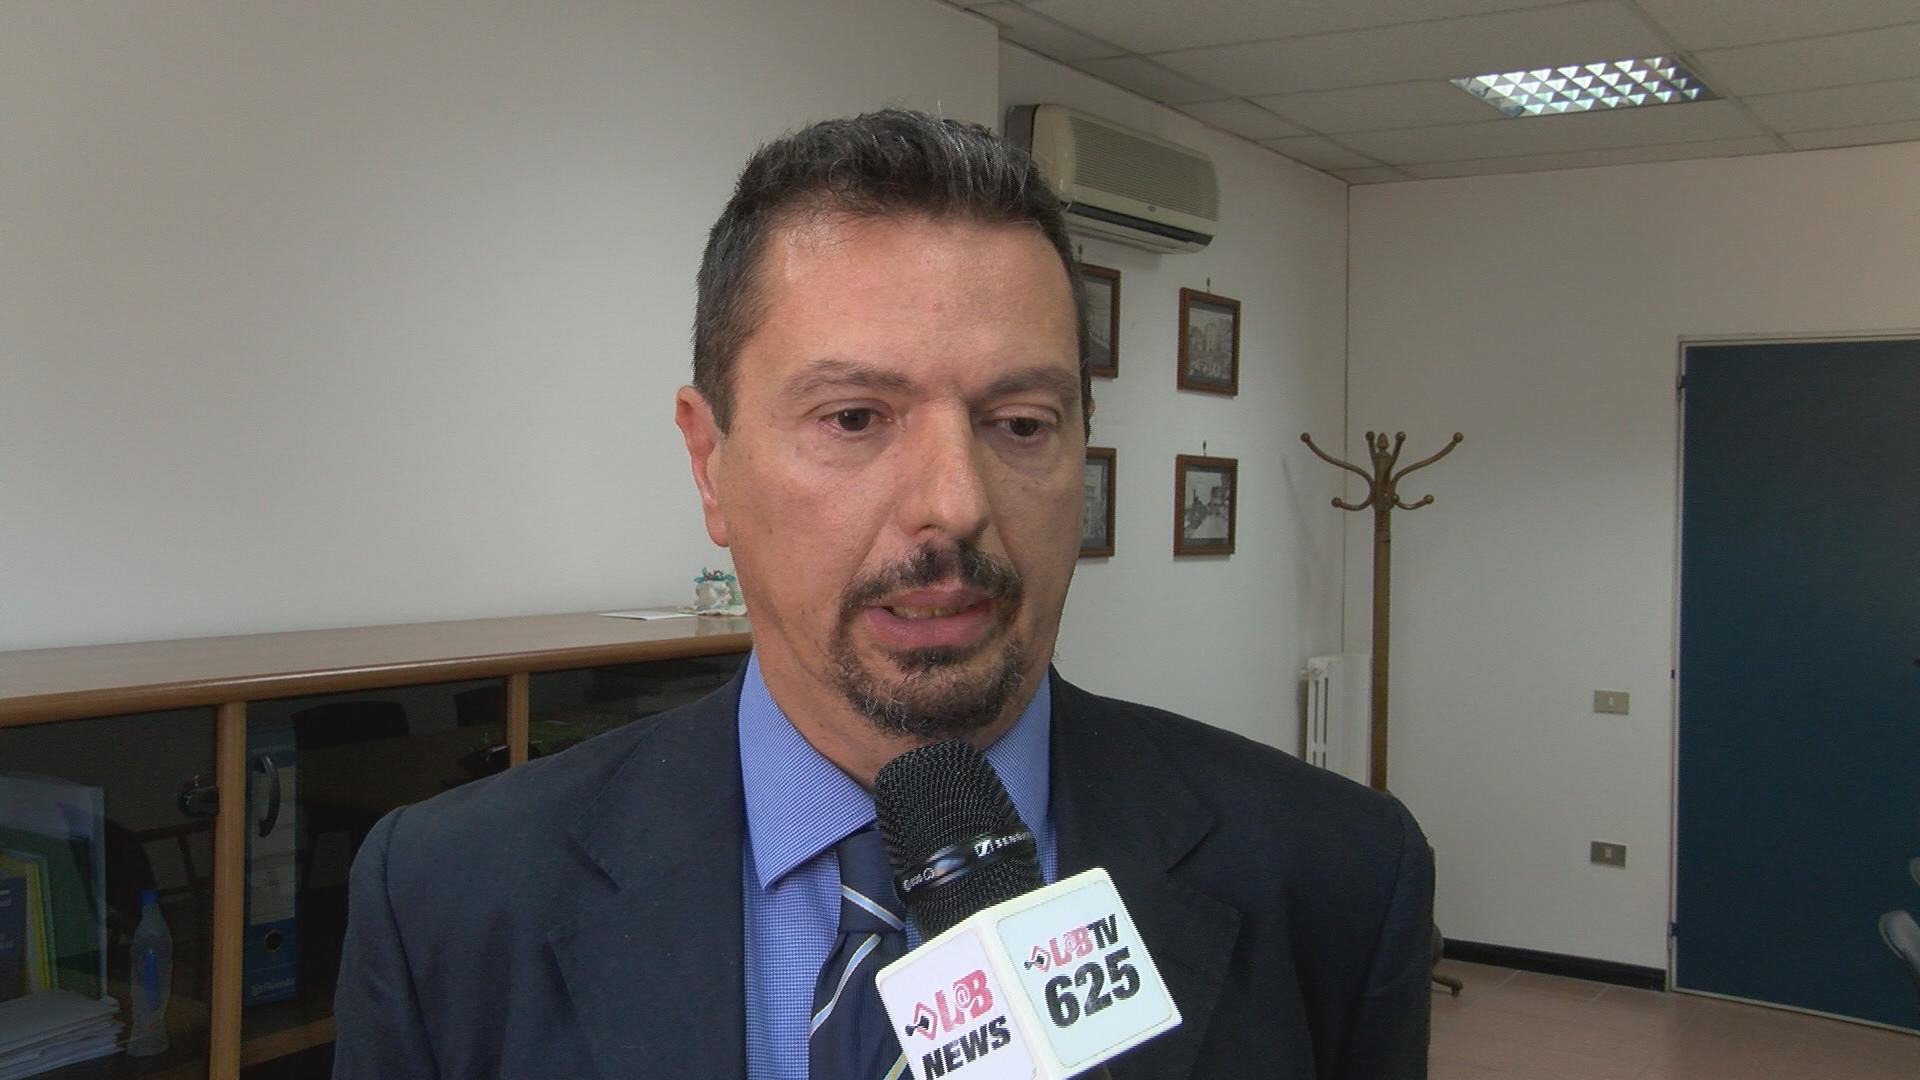 Avellino| M5S, certificata la lista di Picariello: è lui il candidato sindaco ufficiale